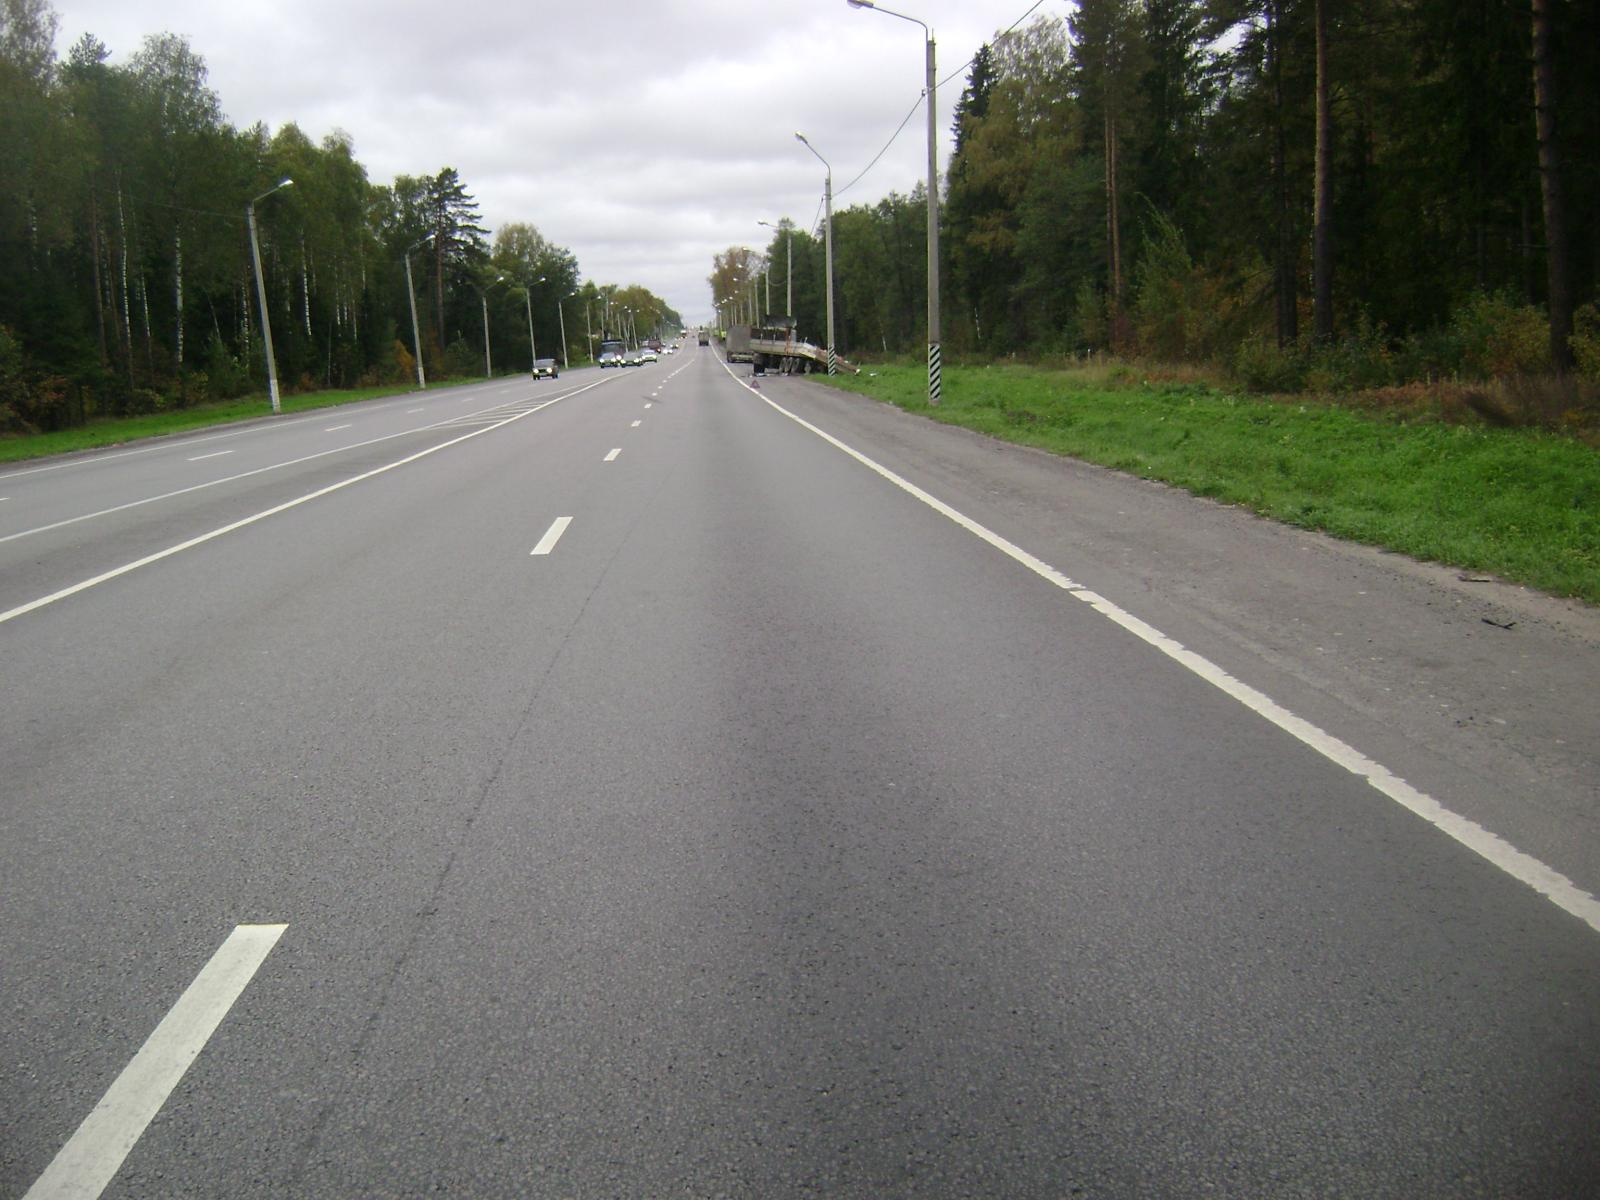 ВПетушинском районе столкнулись 3 грузового автомобиля - умер шофёр одного изних